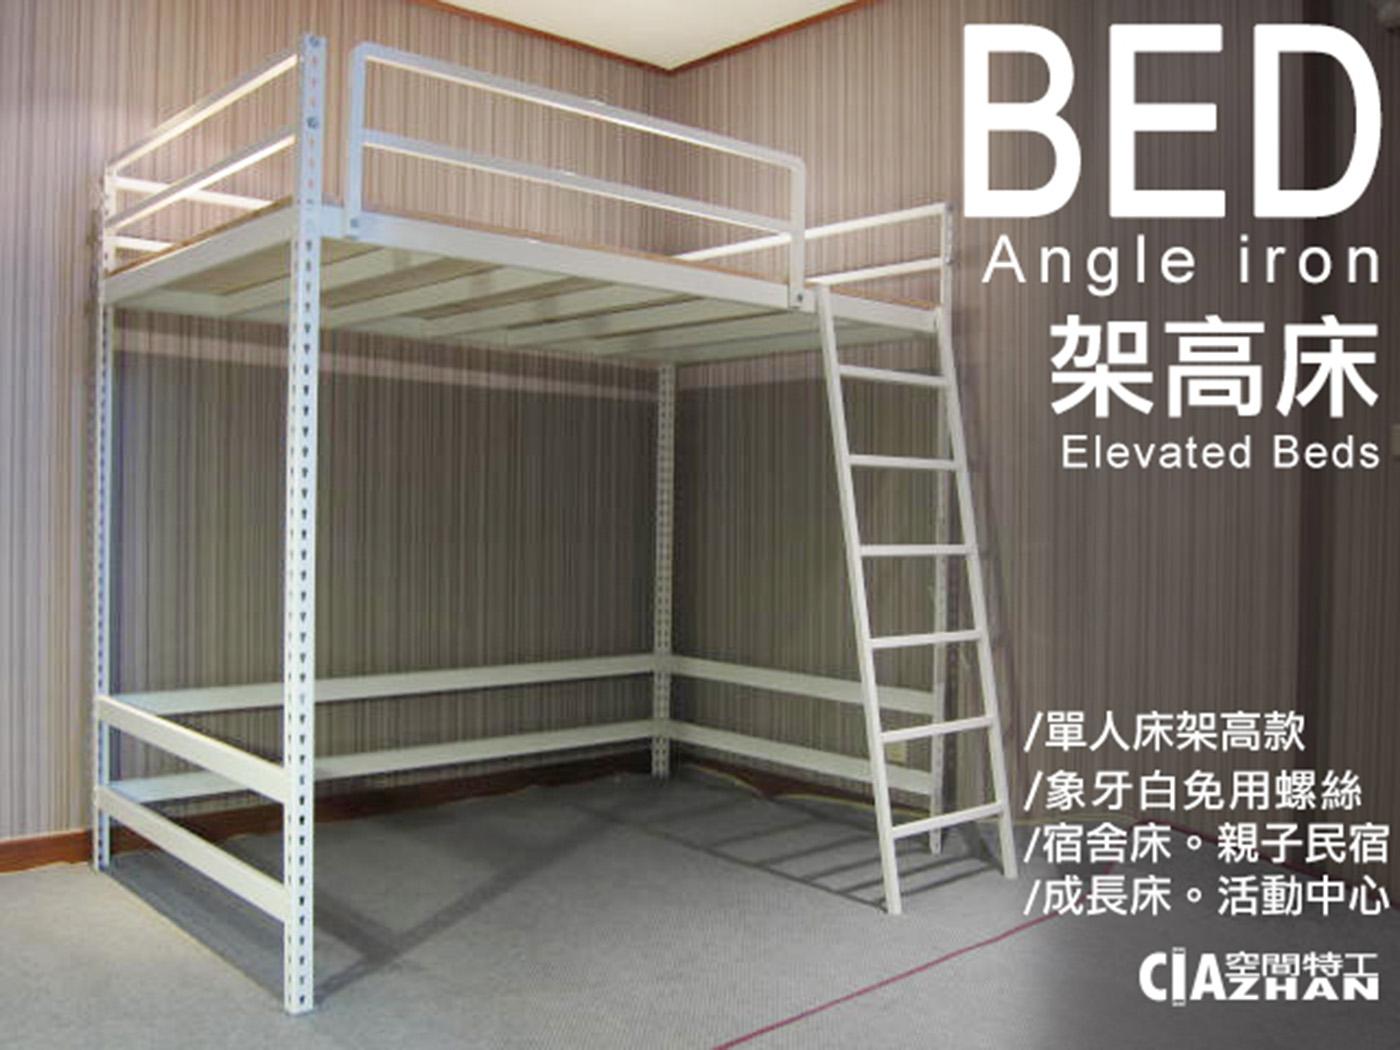 象牙白角鋼床架♞空間特工♞ 3尺架高單人床 床架/床台/床板 免螺絲角鋼床